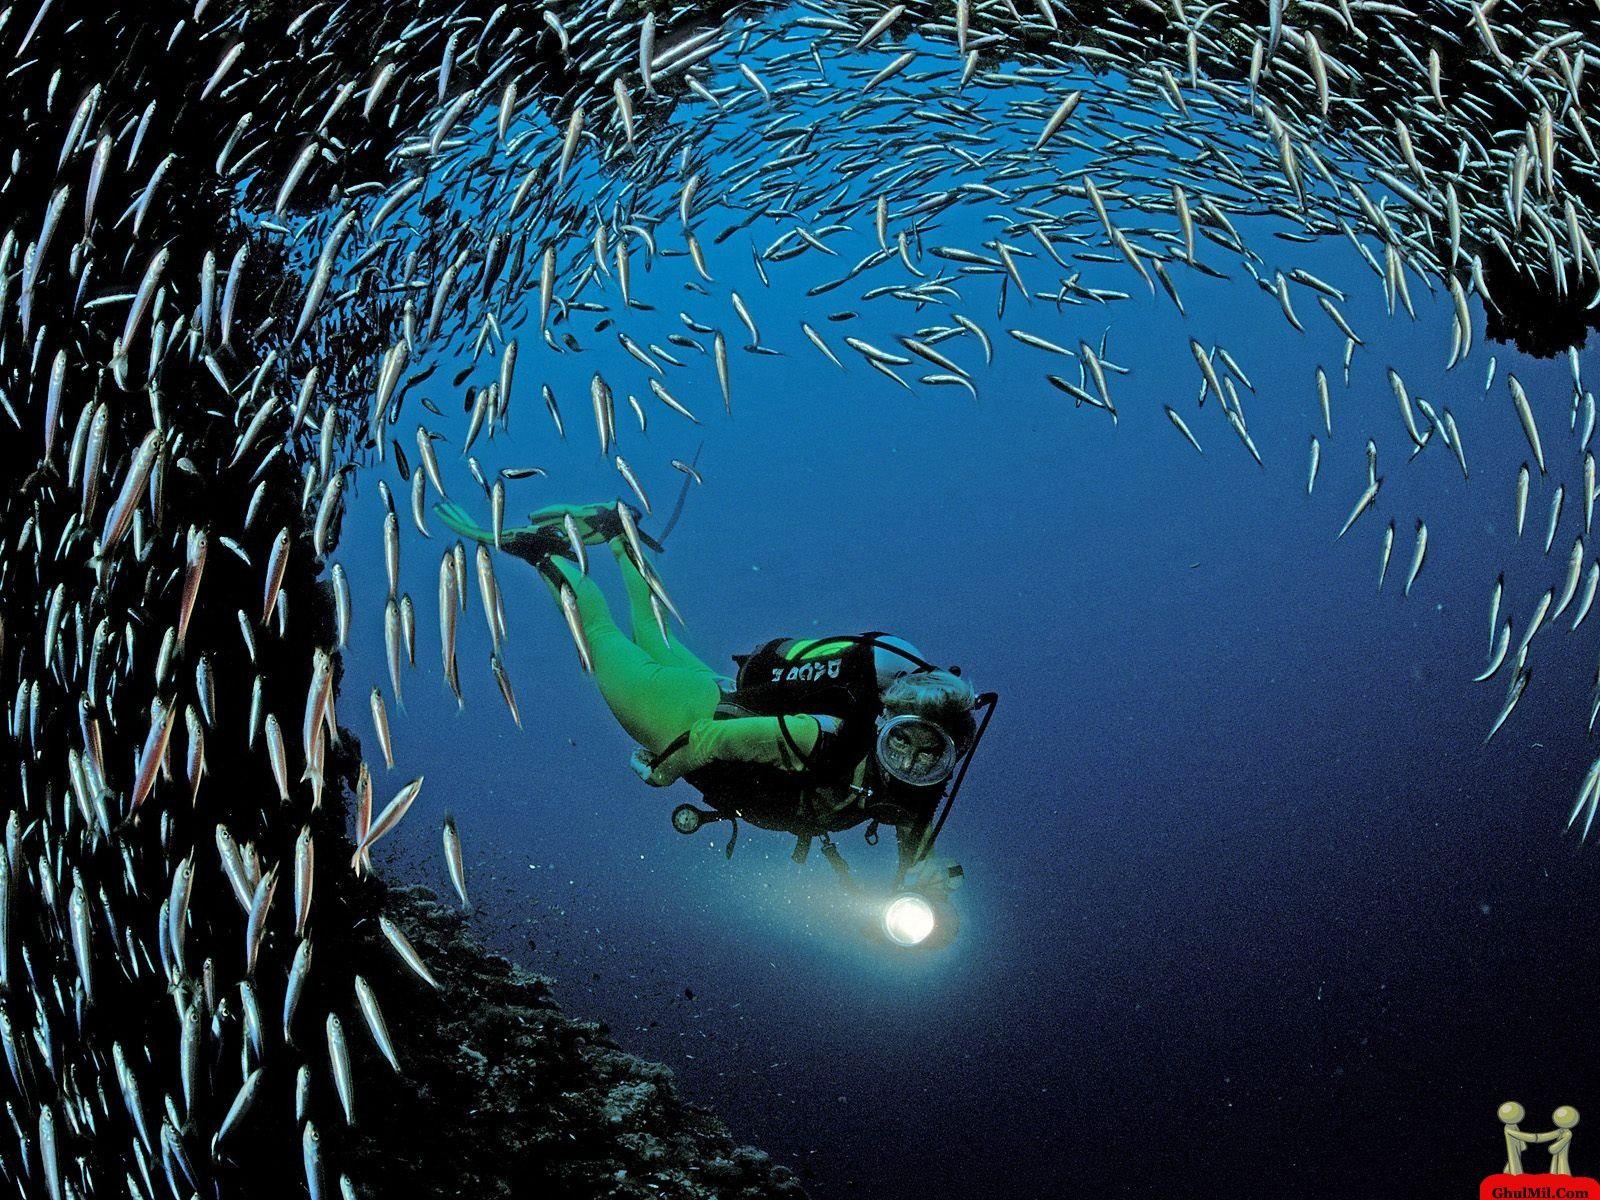 amazing hd man amoung thousand fish amazing hd wallpaper   beauty in